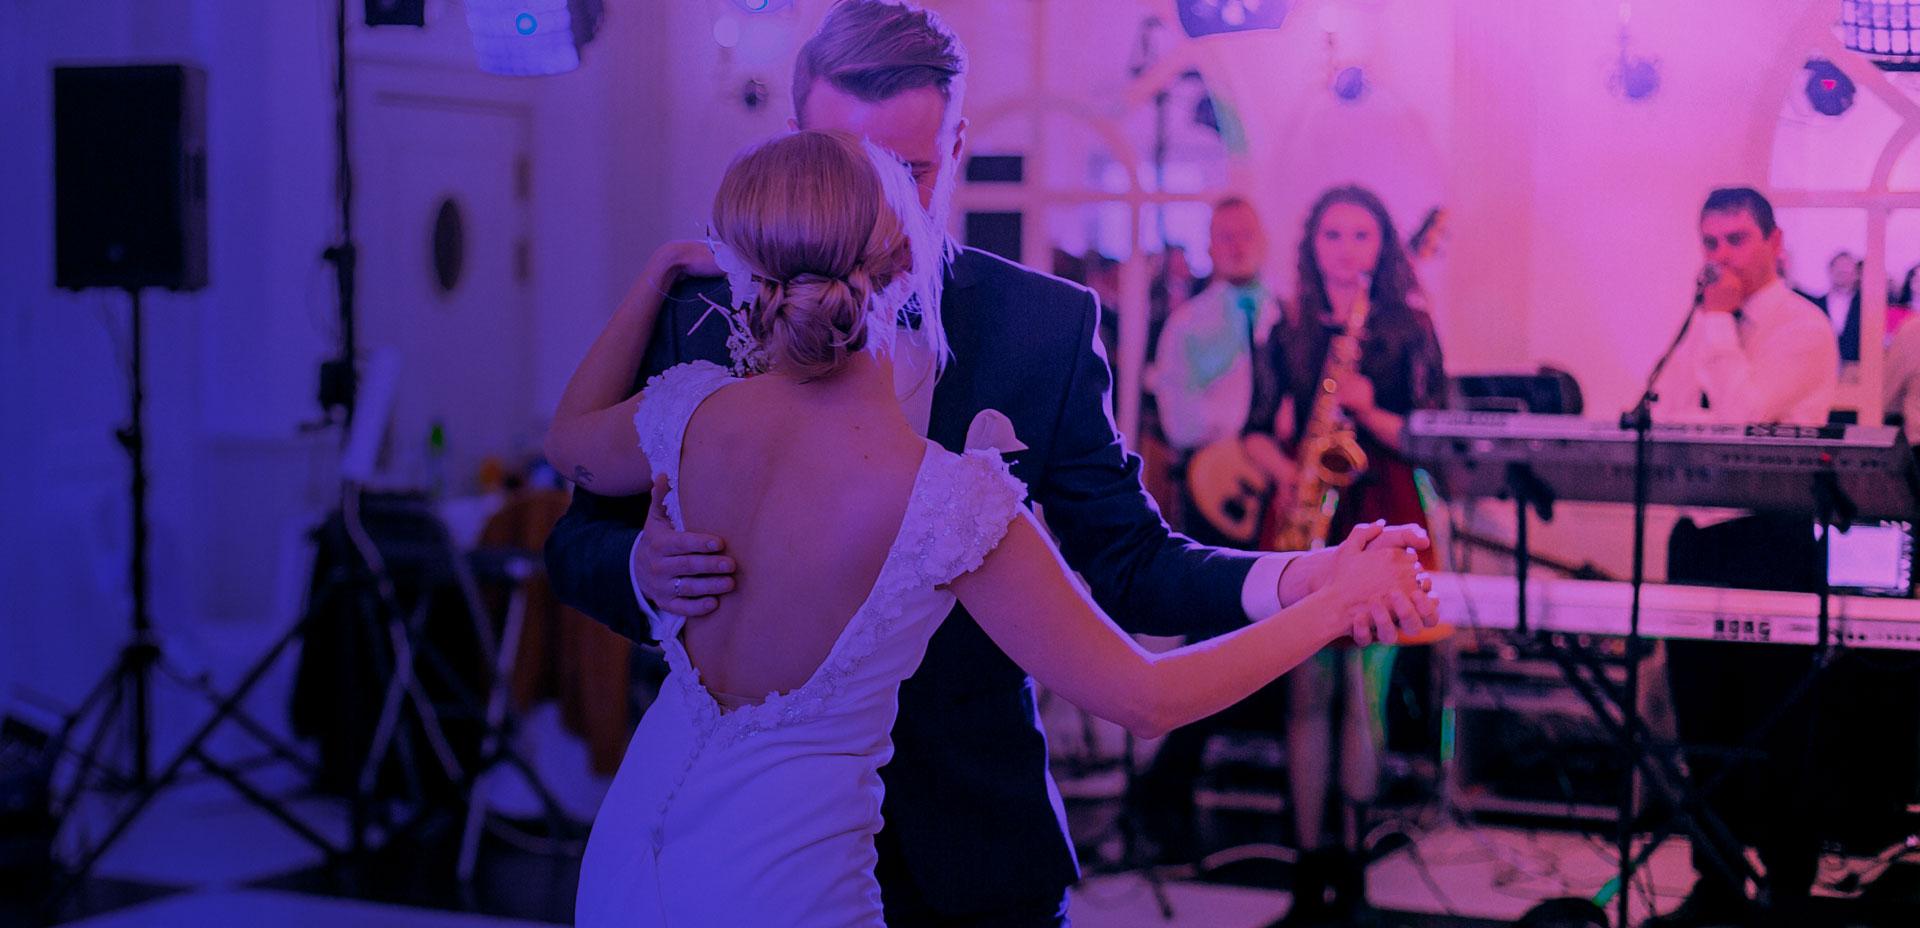 mariage pop